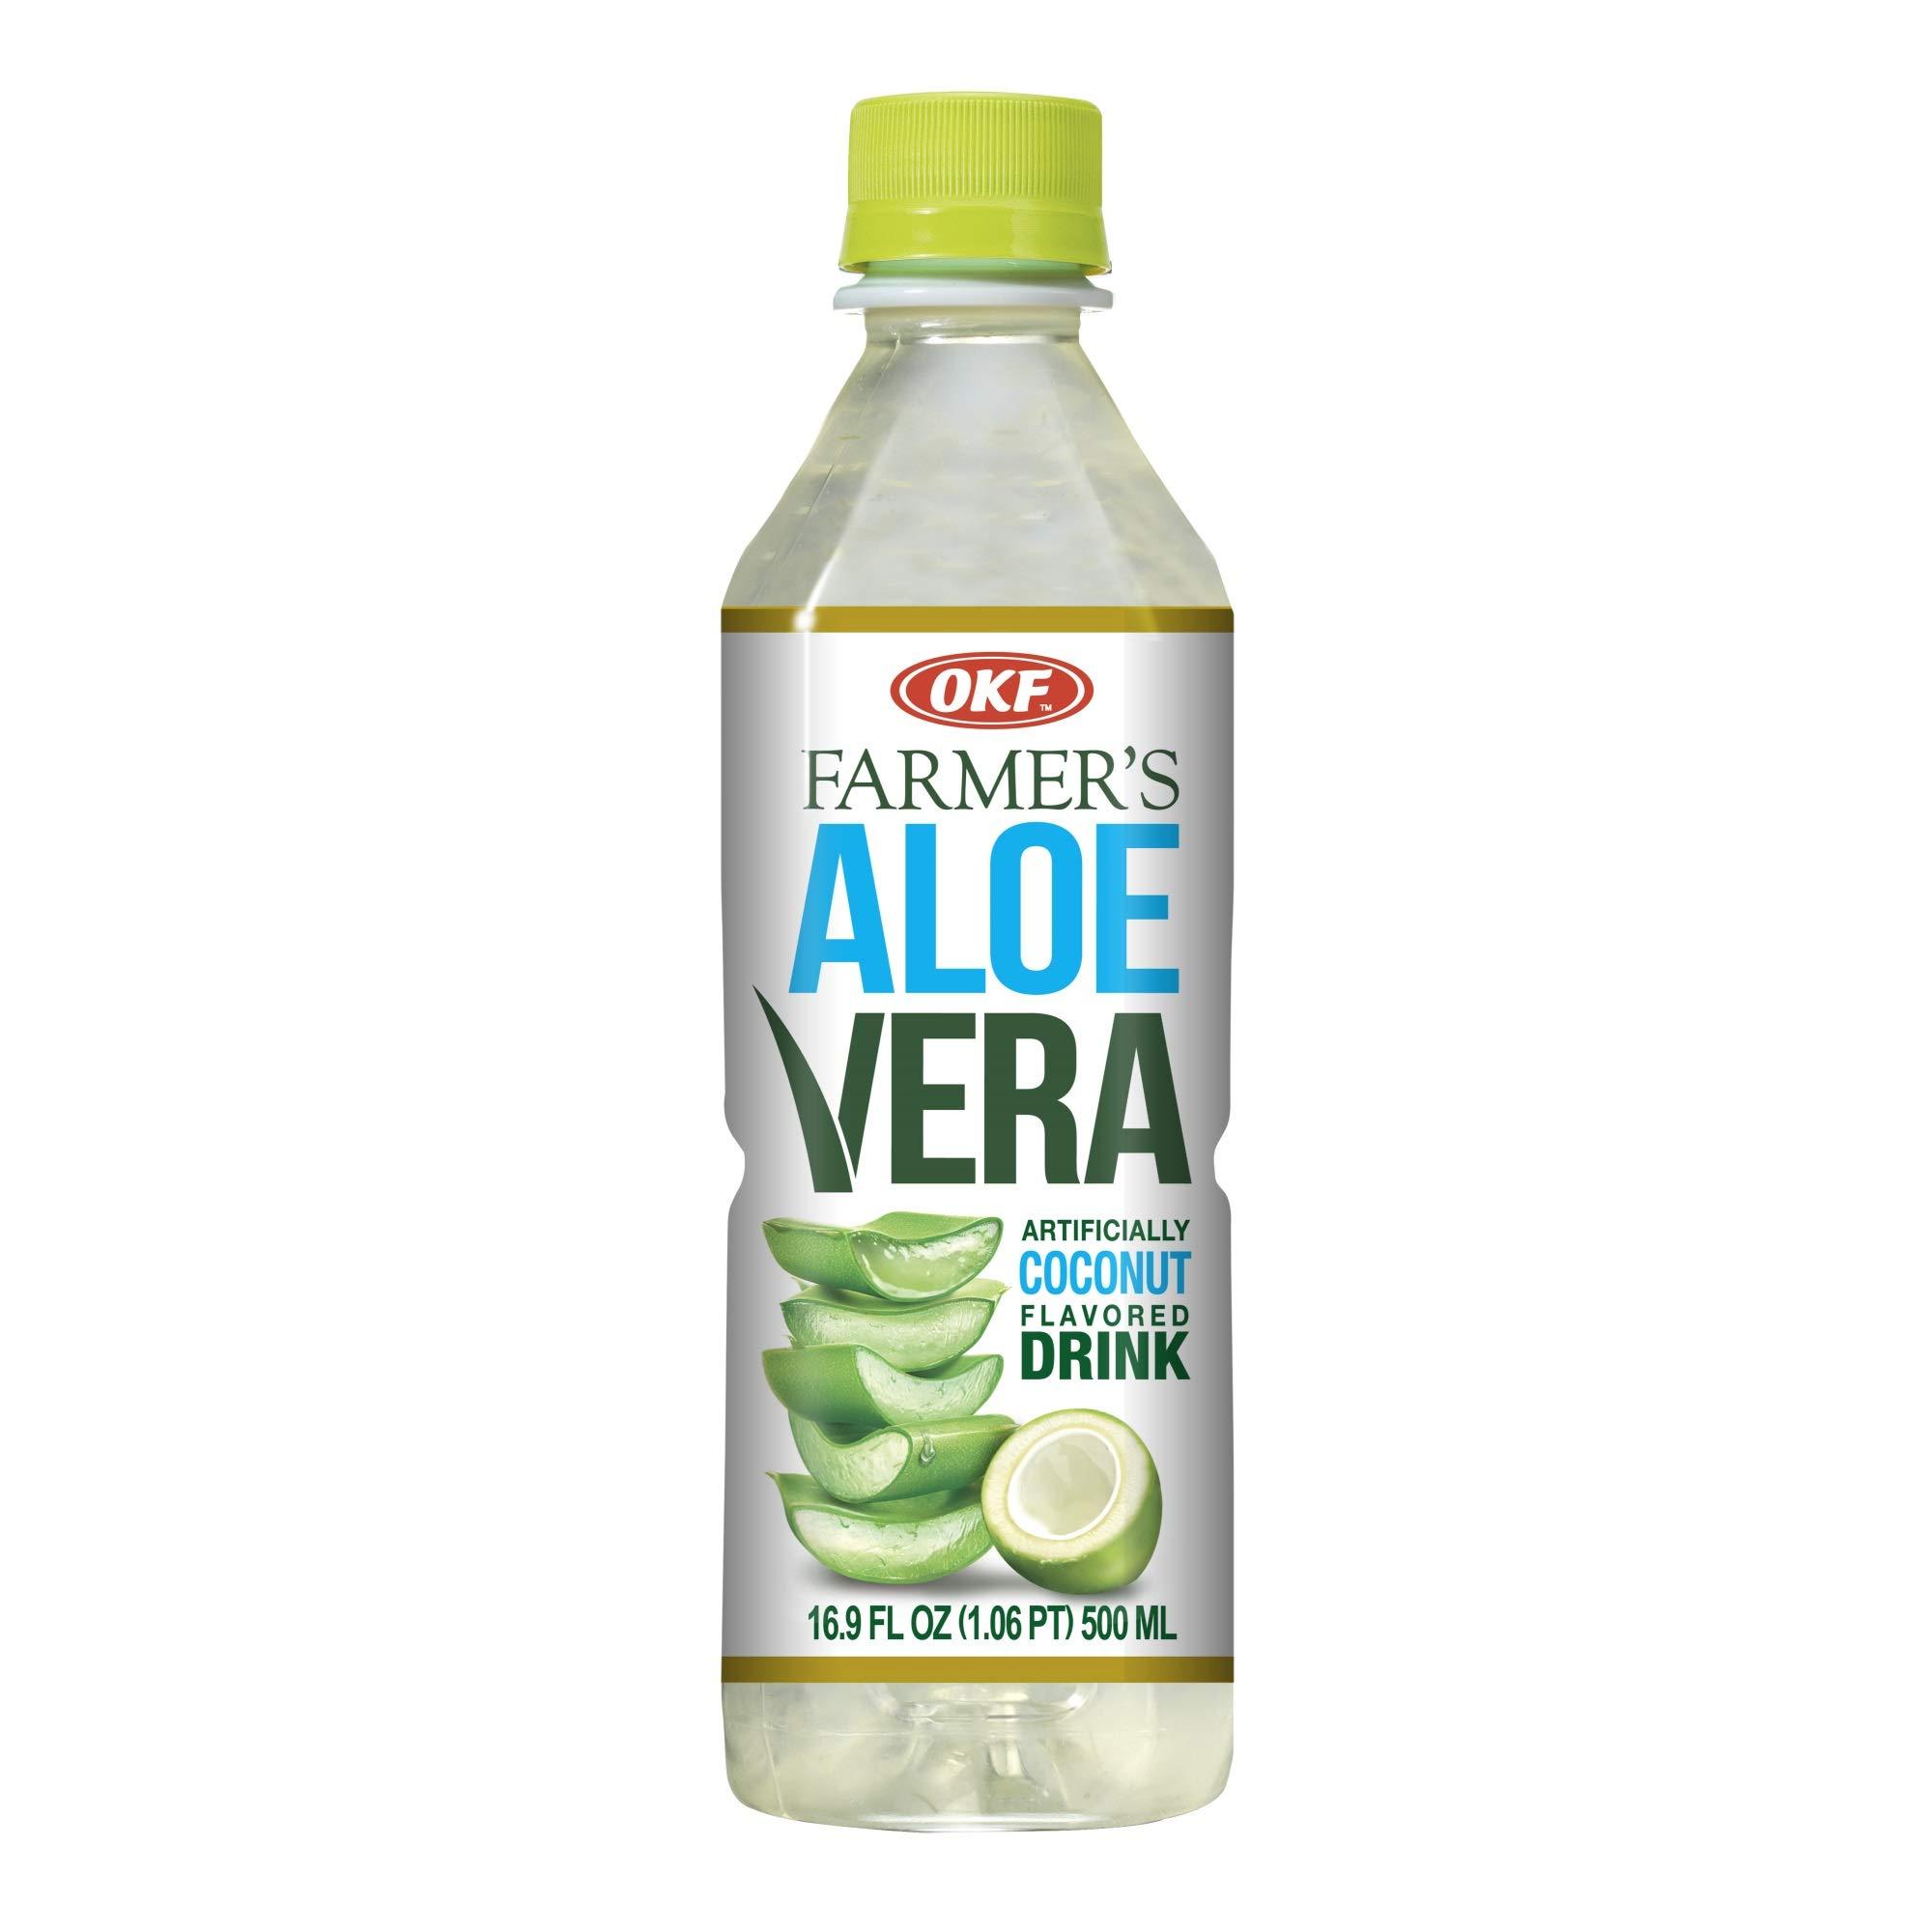 OKF Farmer's Aloe Vera Drink, Coco, 16.9 Fluid Ounce (Pack of 20) by OKF